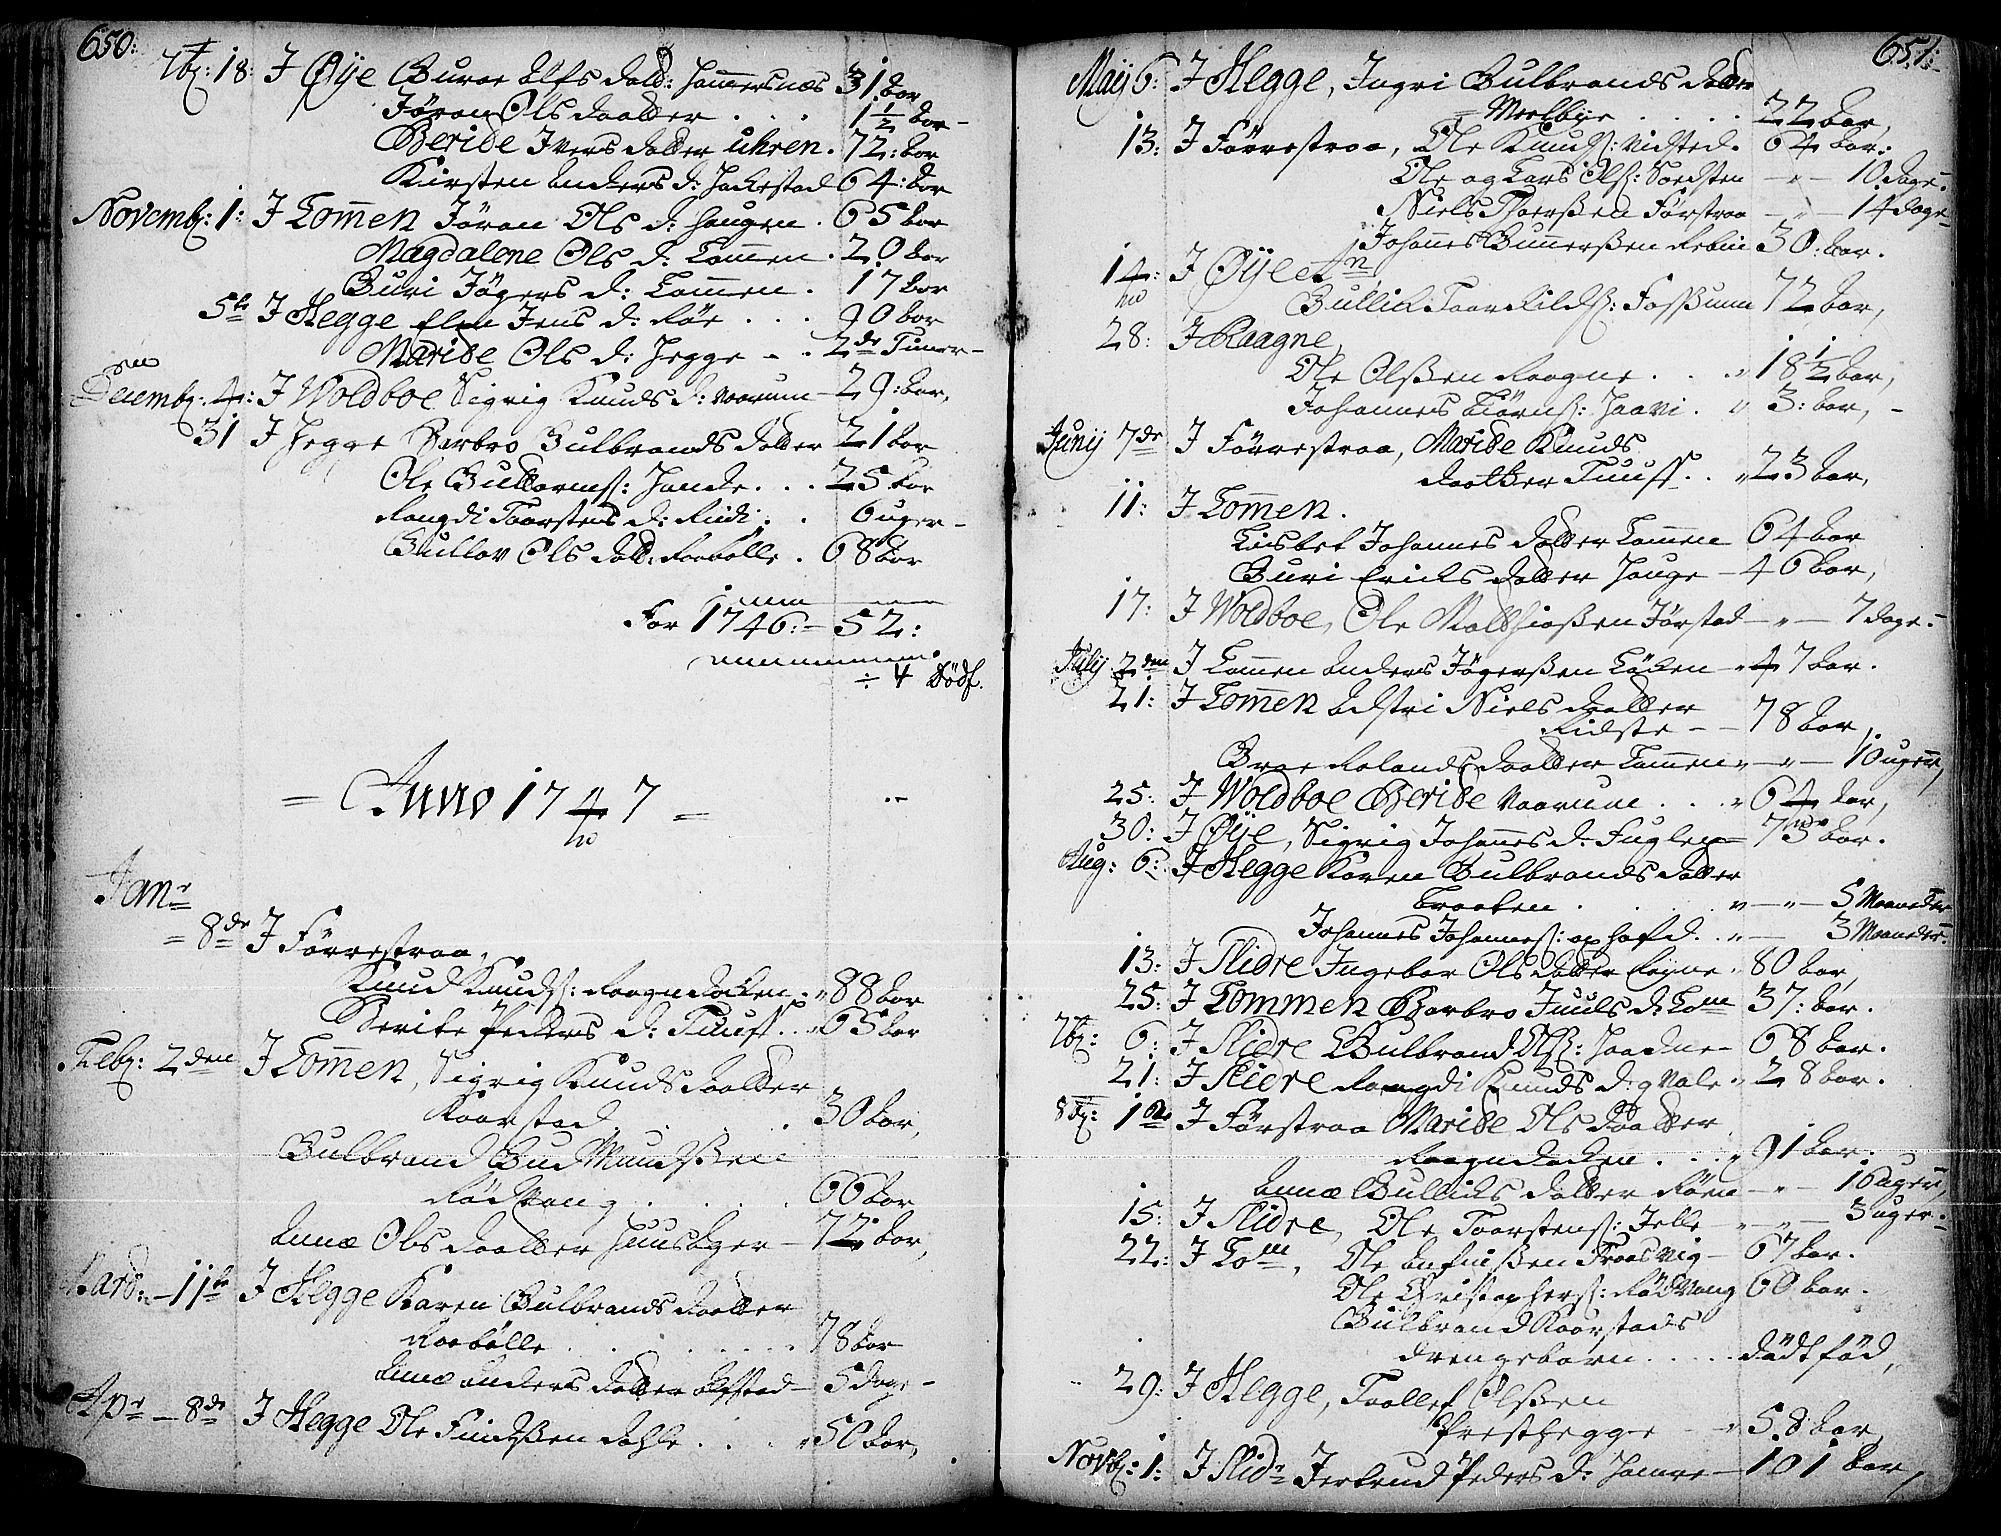 SAH, Slidre prestekontor, Ministerialbok nr. 1, 1724-1814, s. 650-651